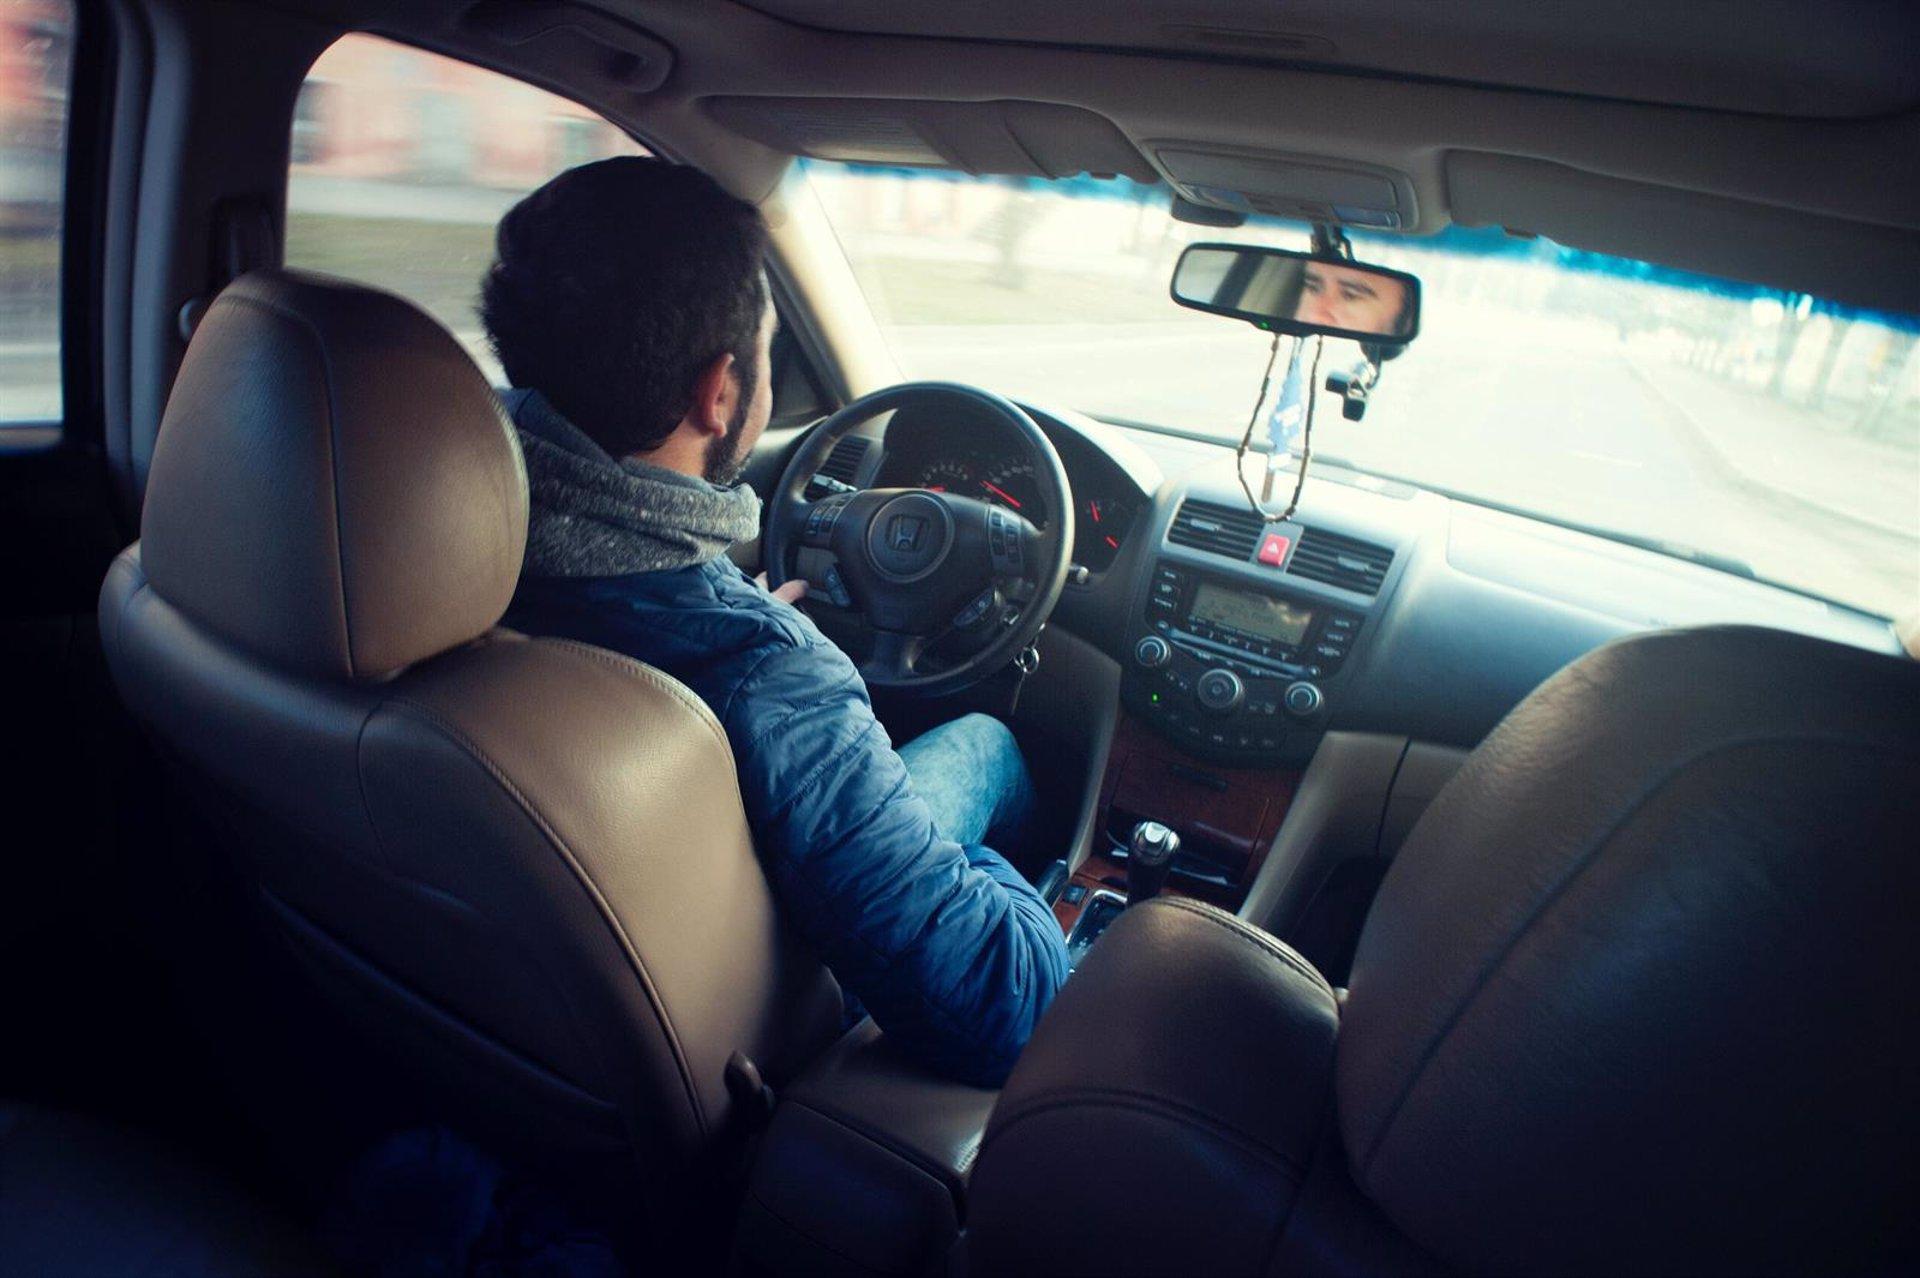 Un estudio apunta que hombres, jóvenes y ancianos son los que generan más víctimas colaterales en accidente